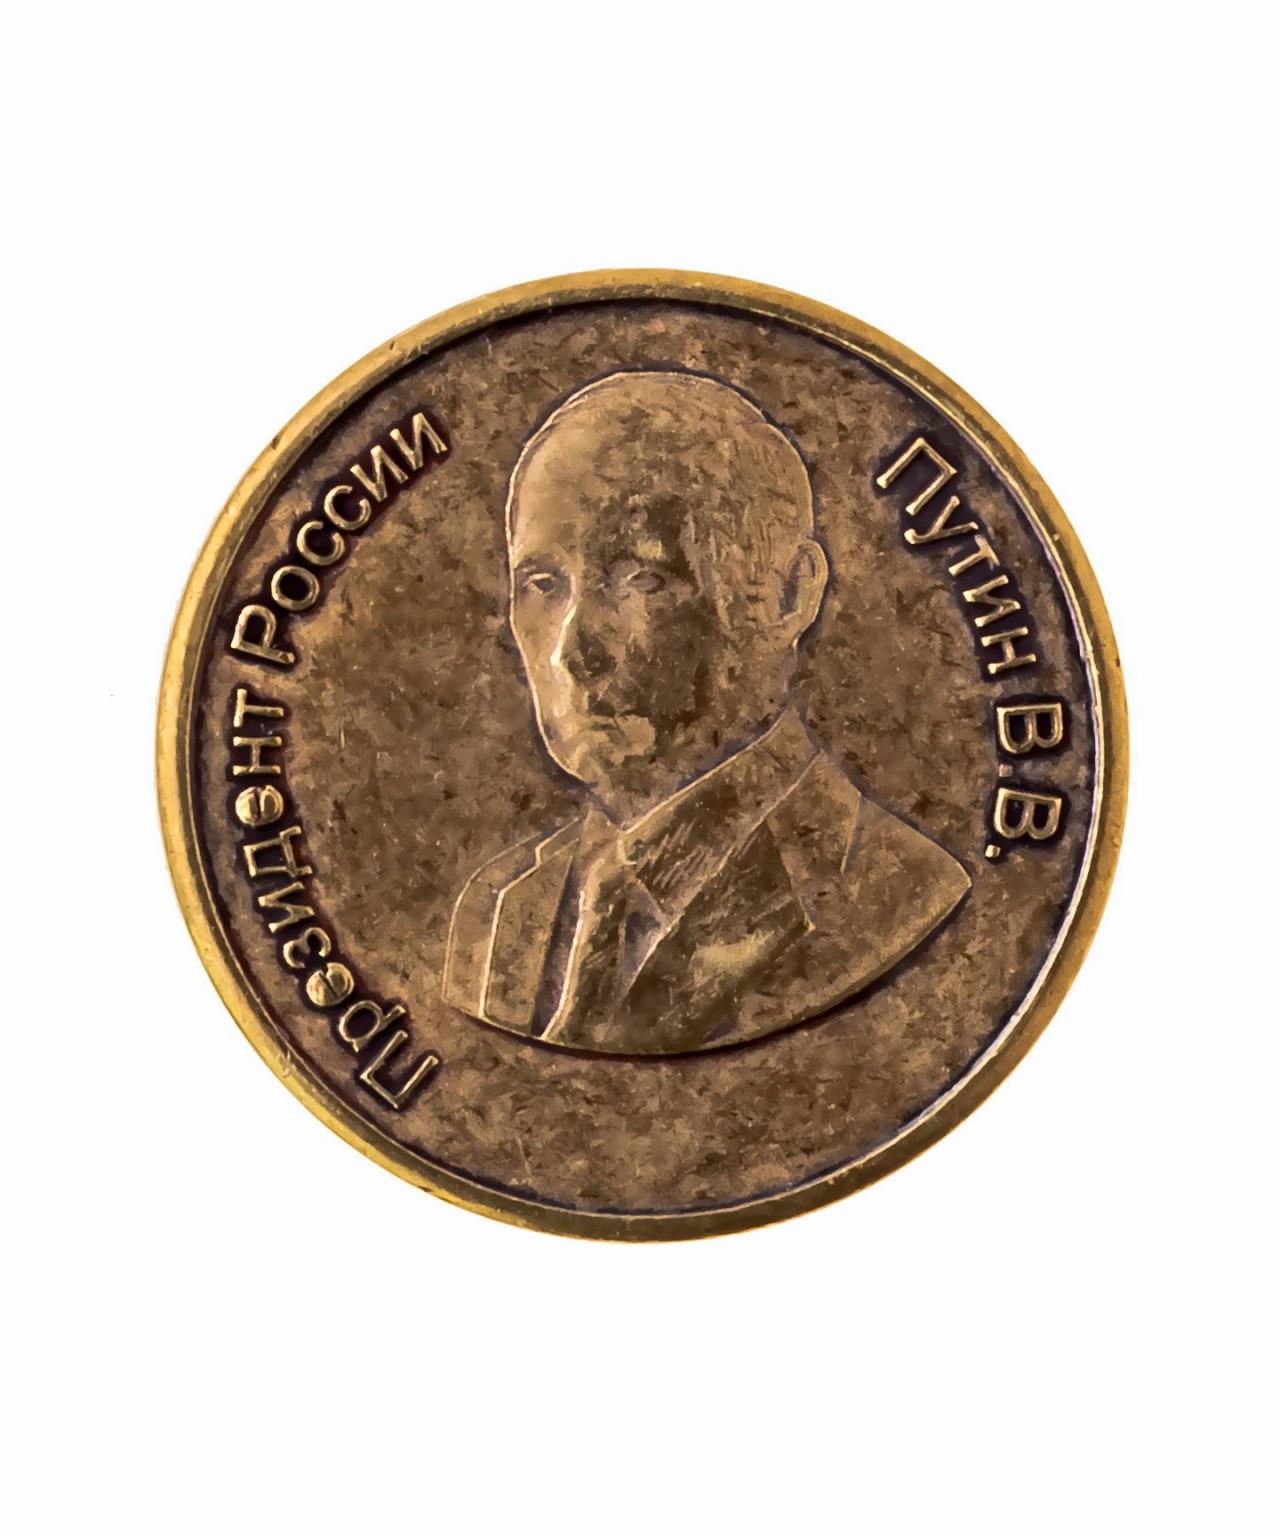 Монета Путин В.В. Сочи 987